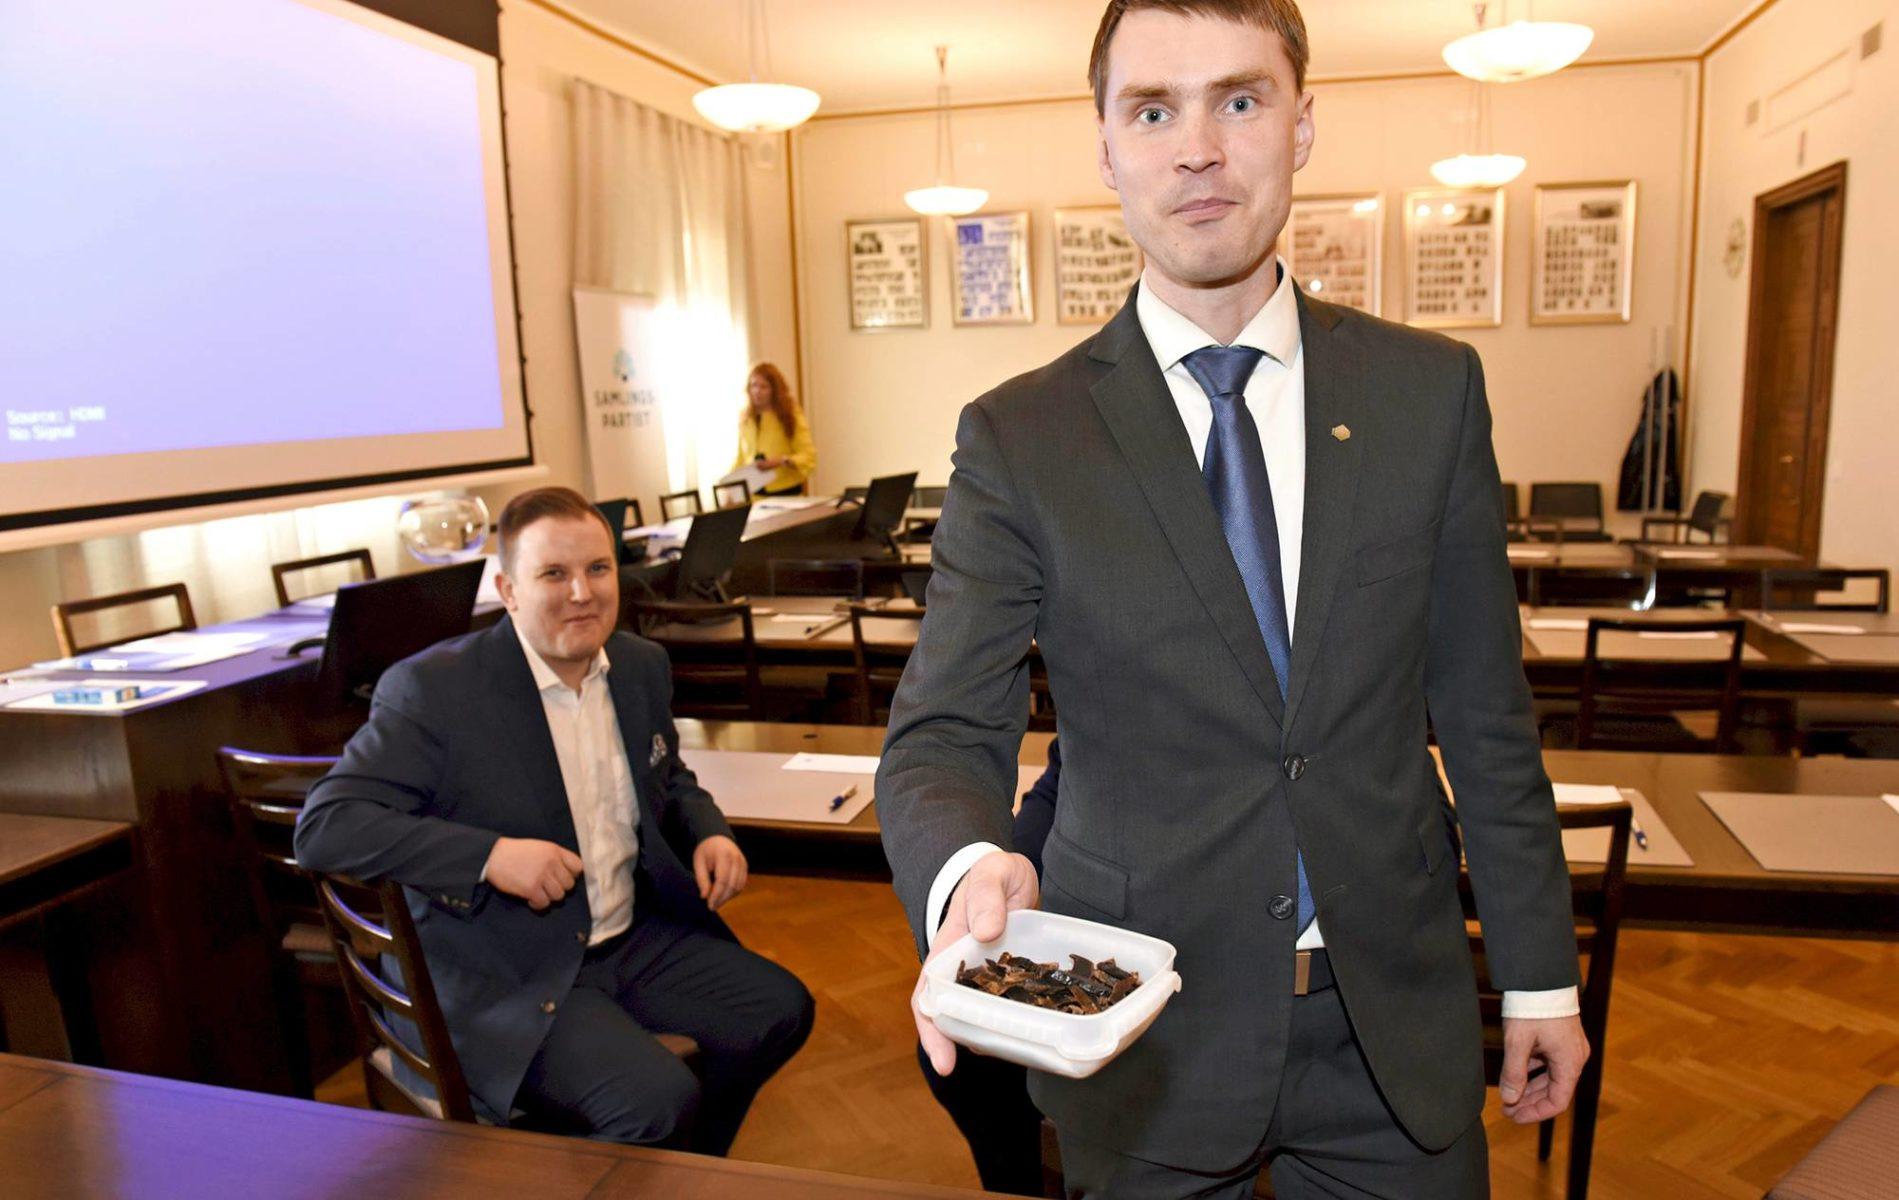 Kansanedustajaksi palannut Heikki Autto (oik.) tarjoili kuivalihaa eduskuntaryhmän kokouksessa 18. huhtikuuta 2019.